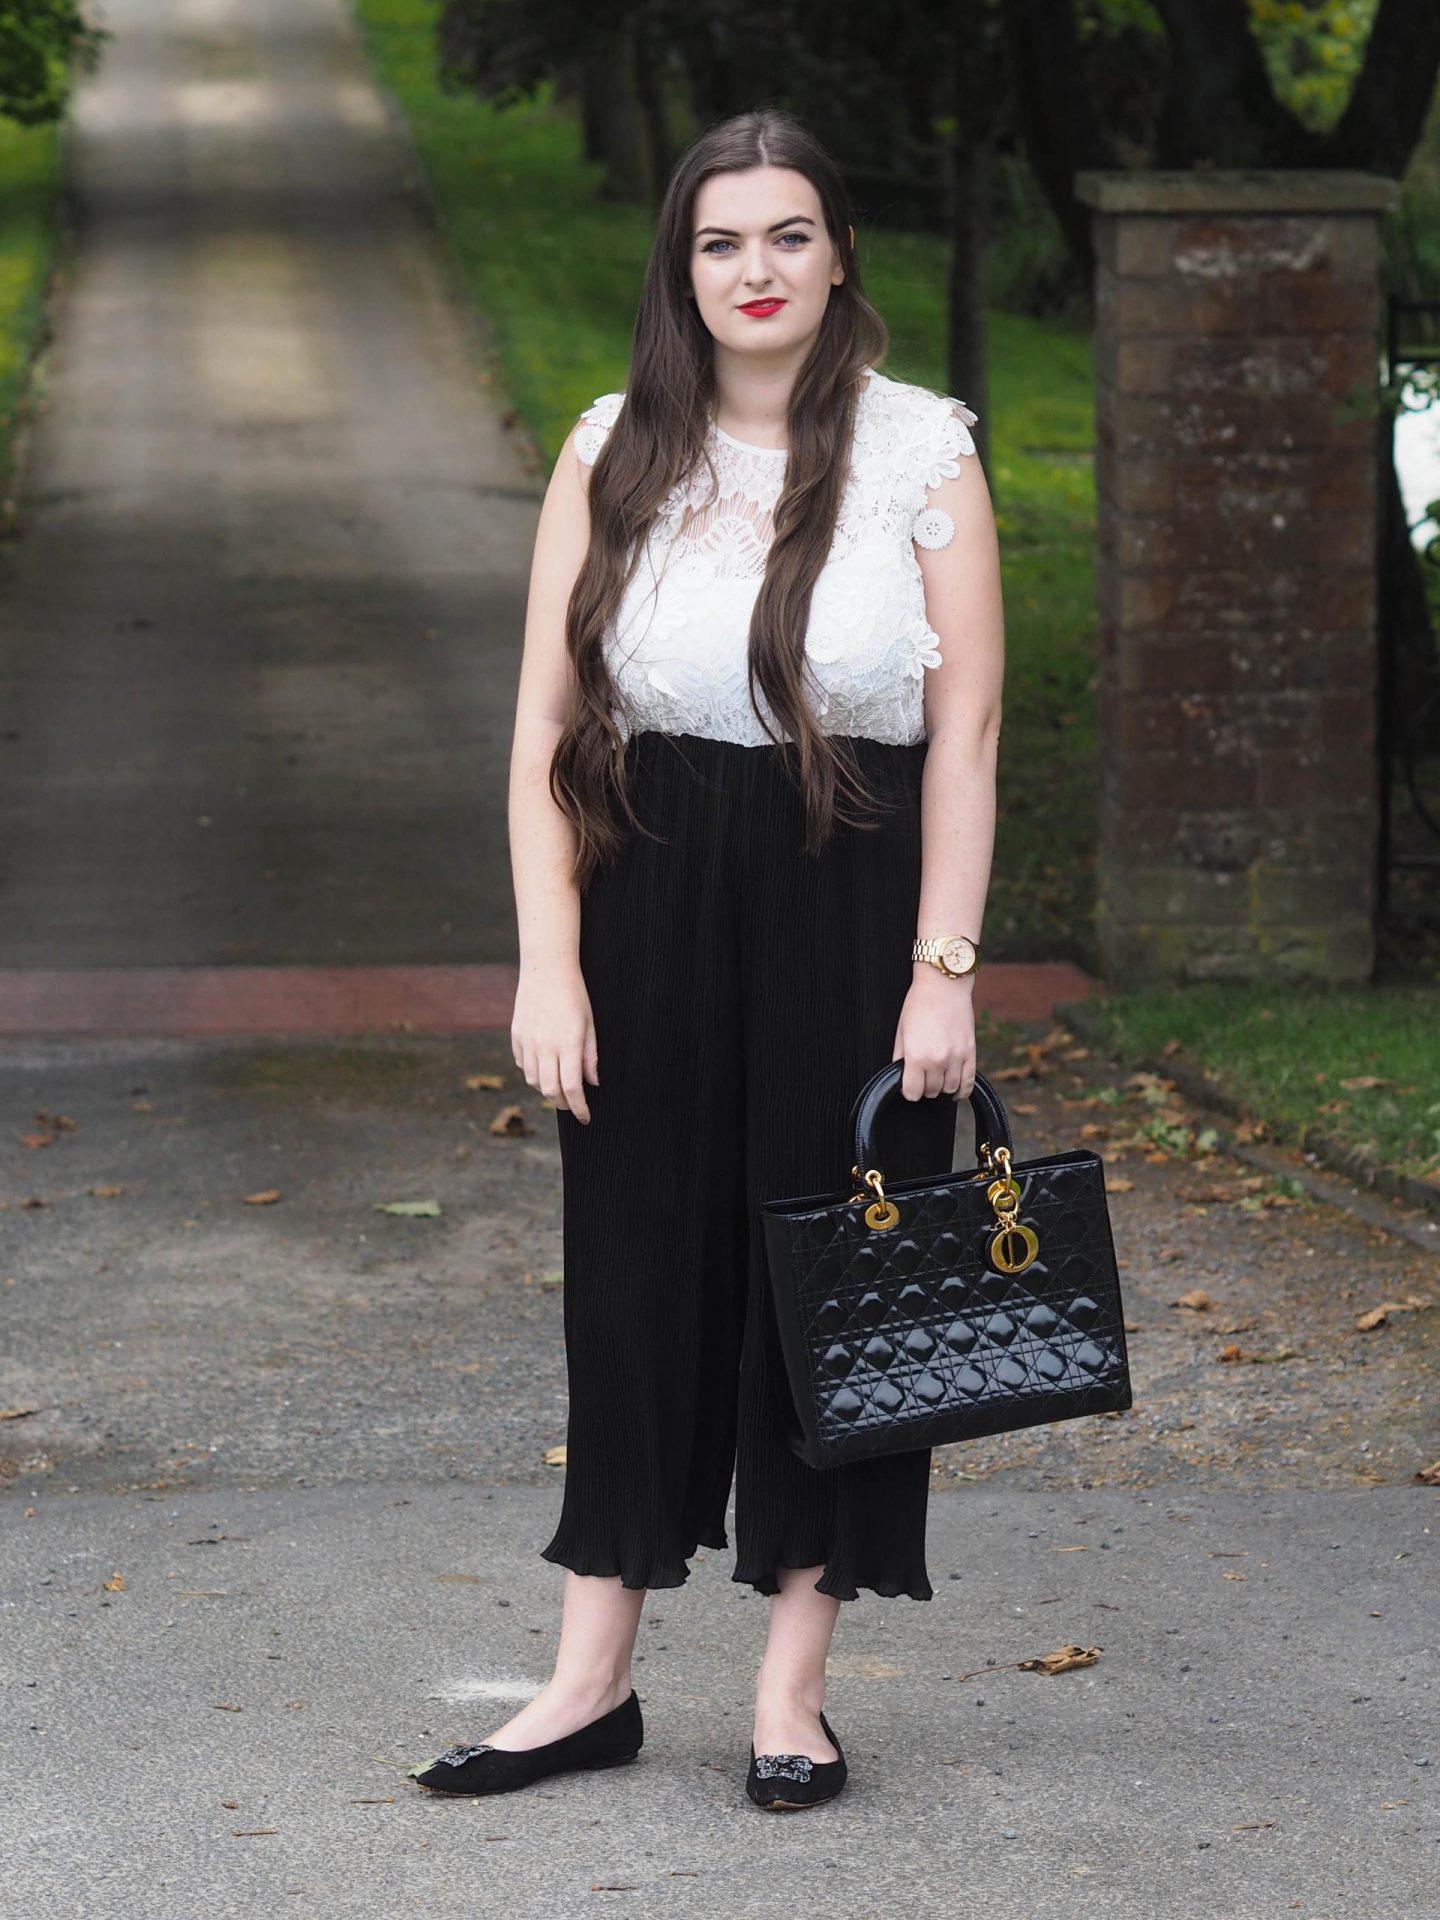 the-delphine-jumpsuit-by-dahlia-rachel-nicole-uk-fashion-blogger-1